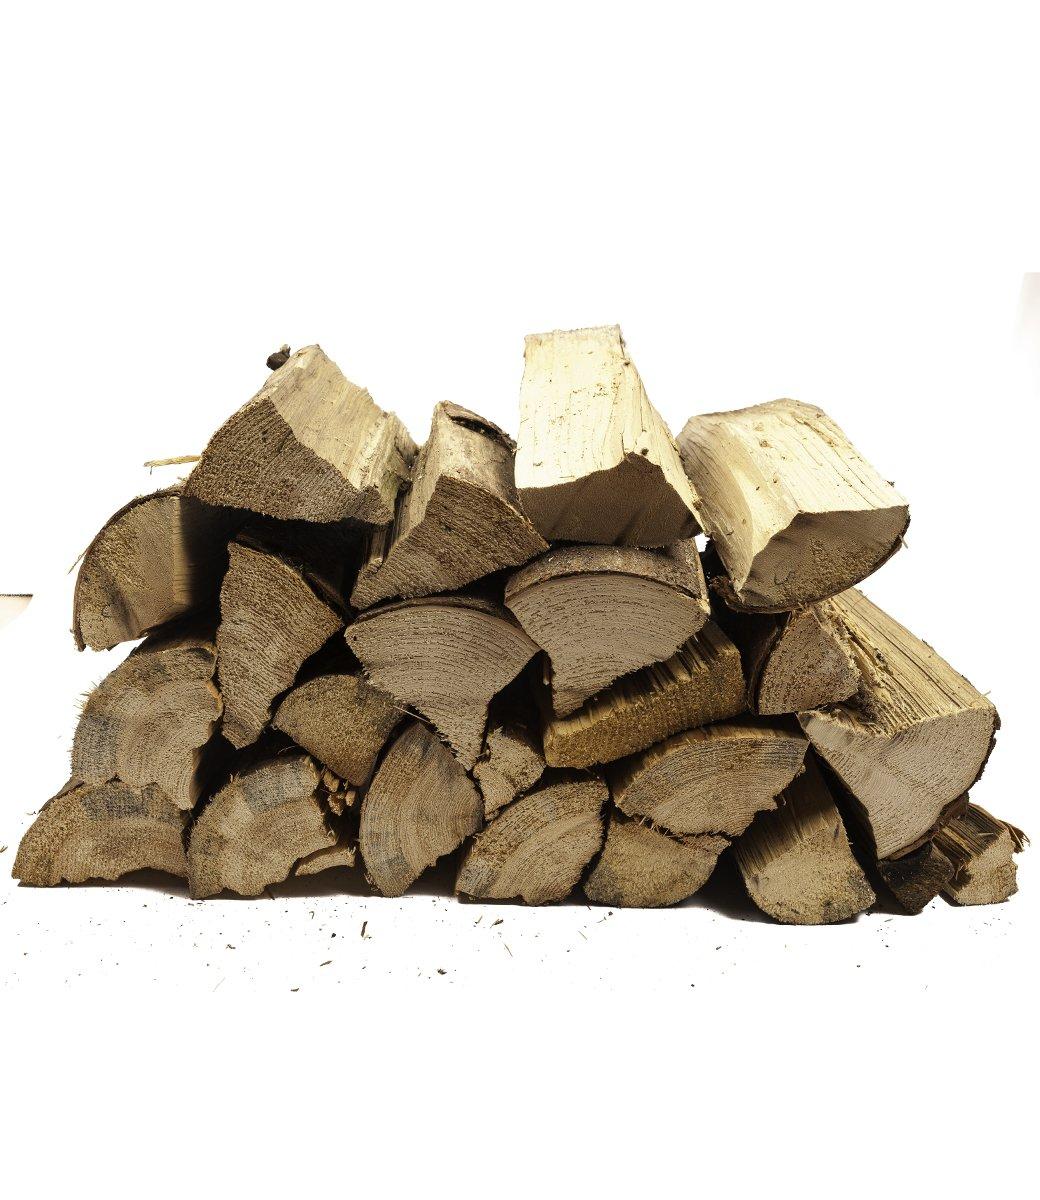 Brennholz Kaminholz Grillholz Feuerholz 4 bis 5 Jahre getrocknet 25-30 kg Mischholz Birke/Buche (28) dresscode